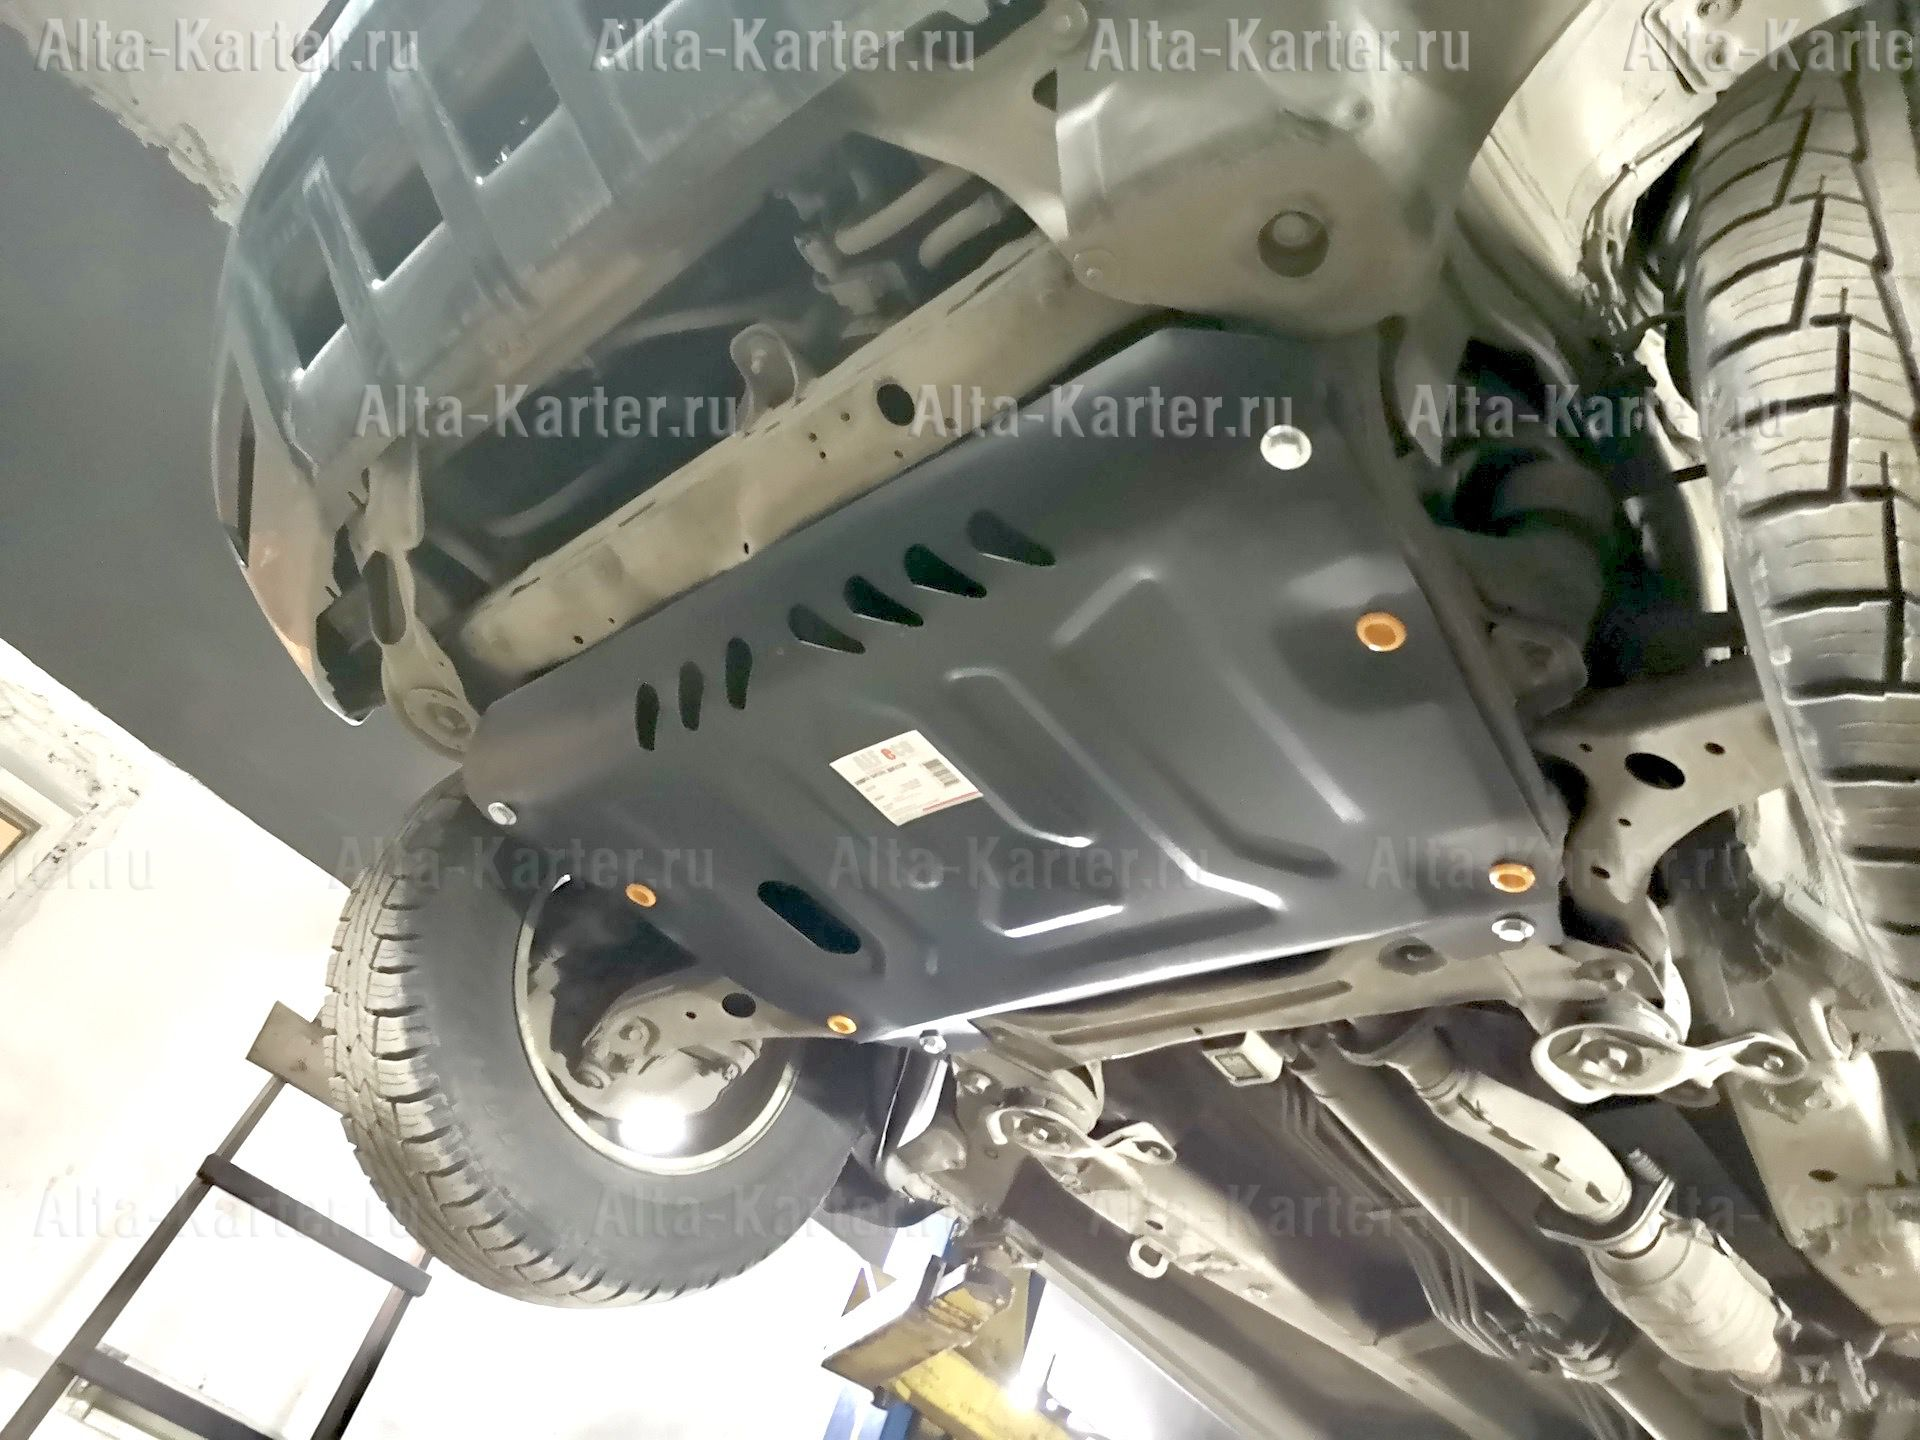 Защита Alfeco для картера Lexus RX 300, 330, 350, 400 II 2003-2008. Артикул ALF.12.03